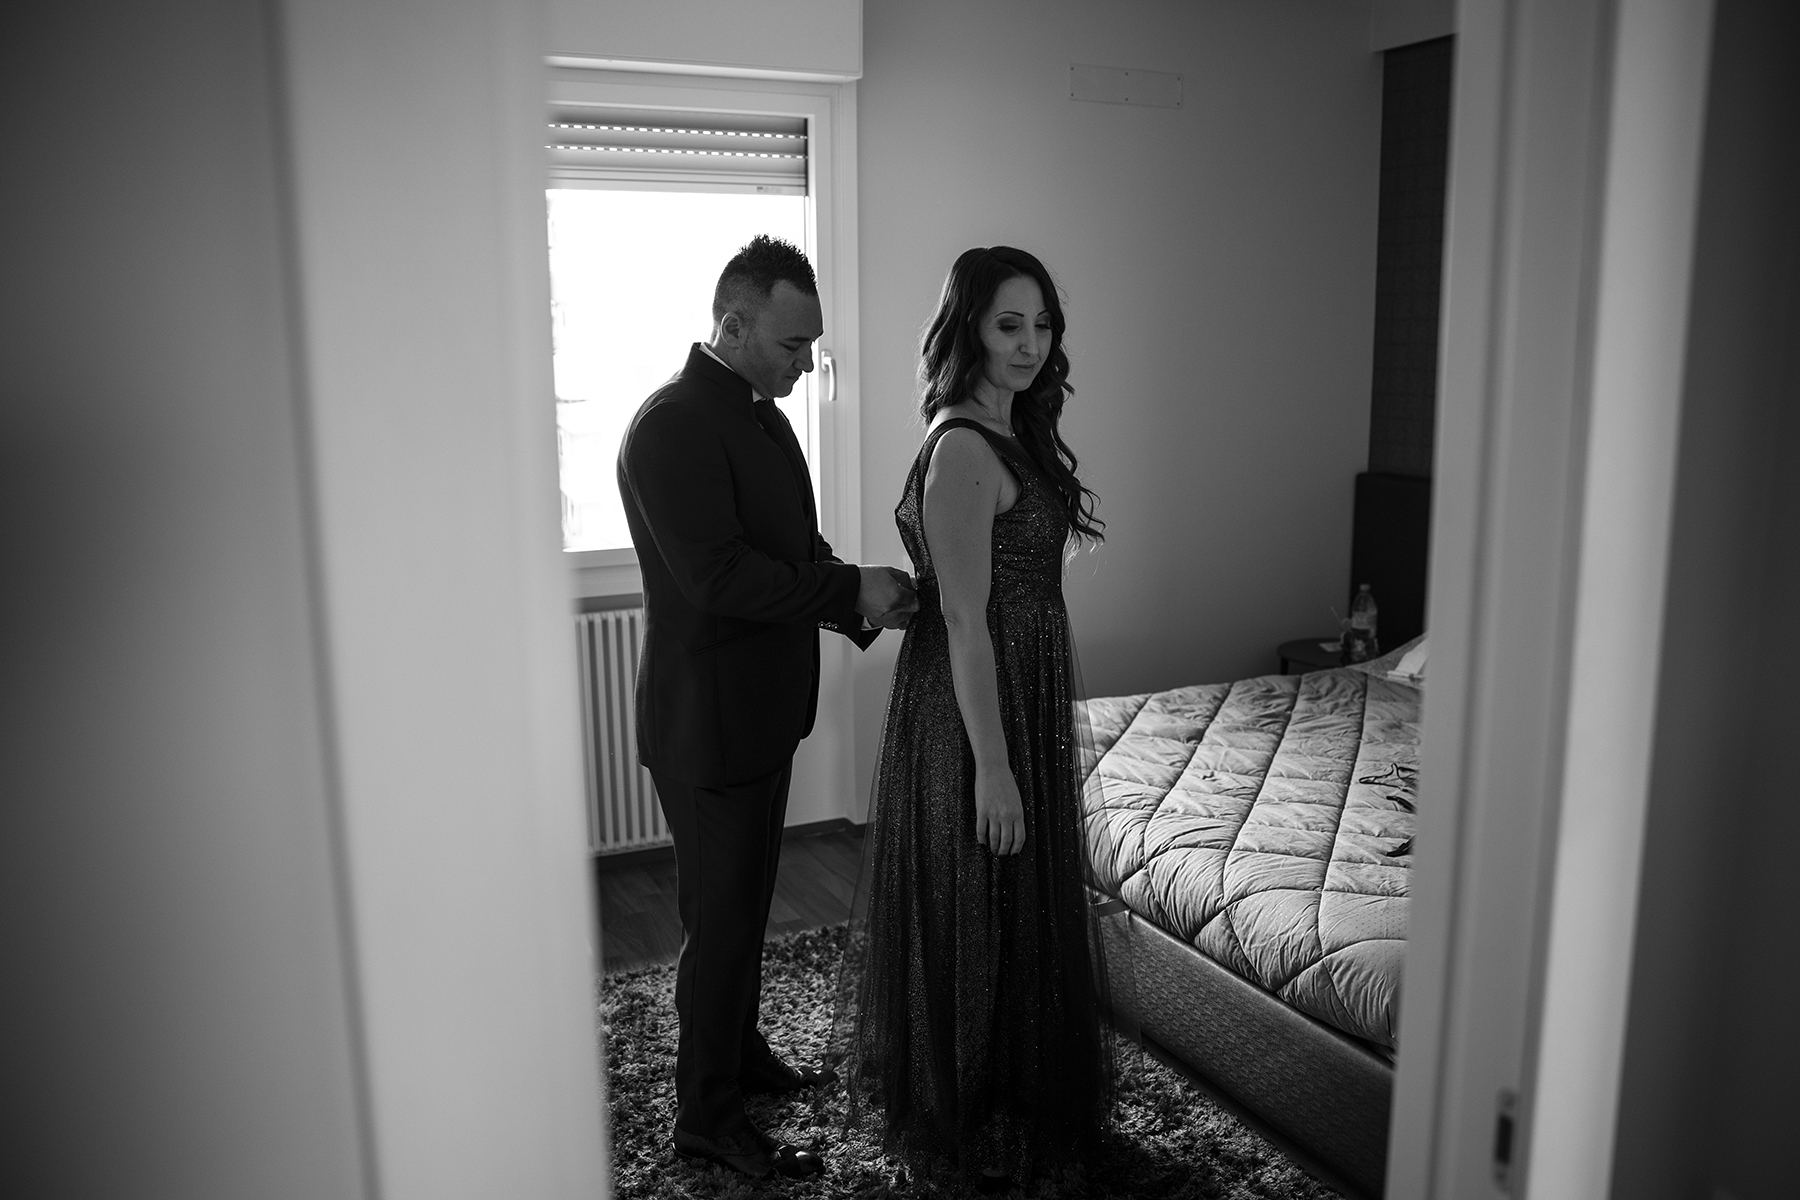 Histoire de photographie de La Spezia Elopement   Regardant autour de la porte de la chambre, nous pouvons voir le marié aider la mariée à refermer sa robe dans le dos